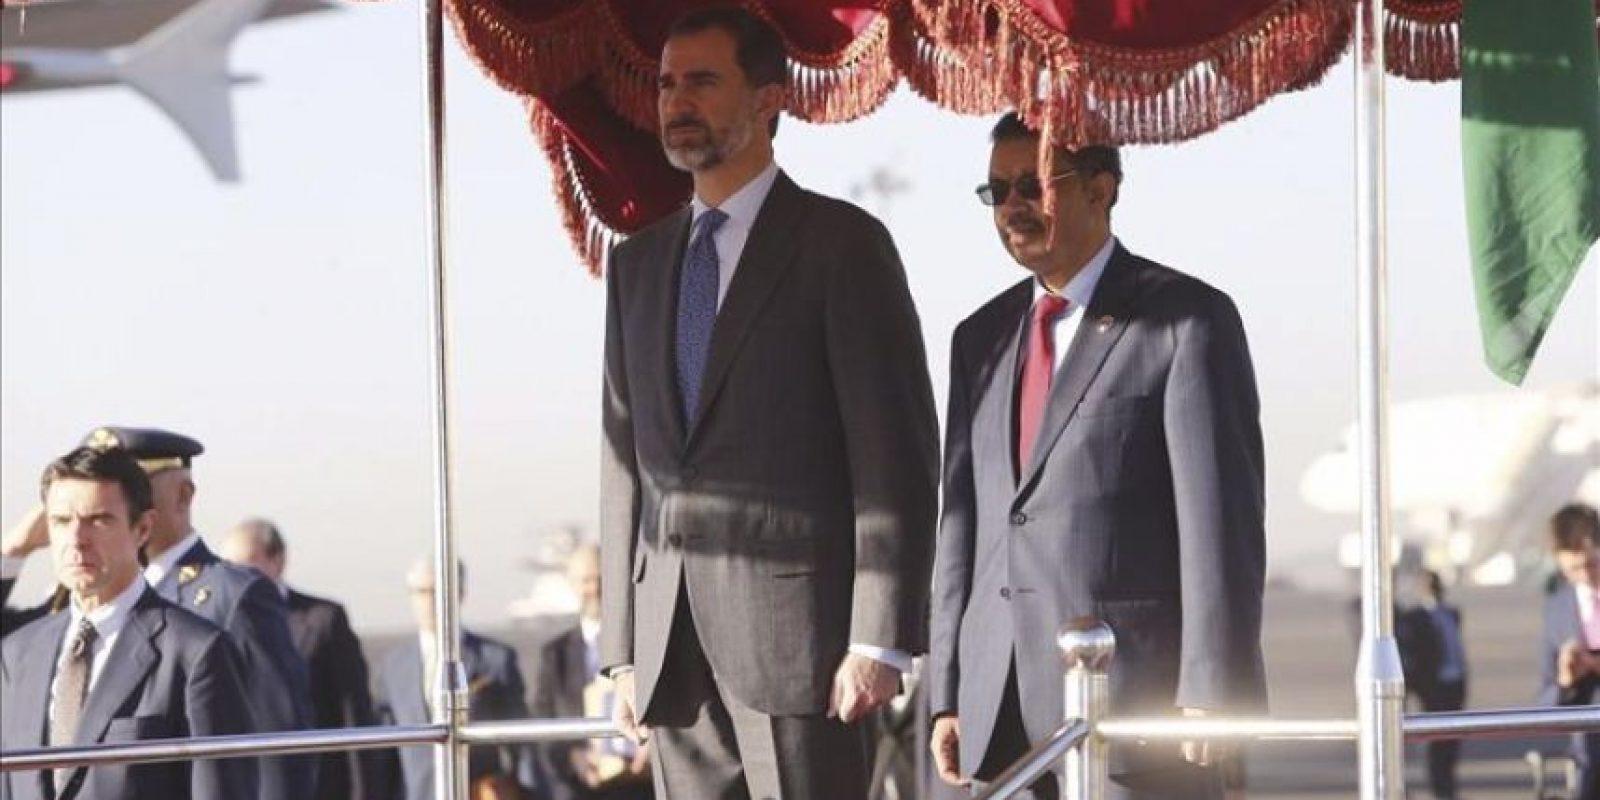 El Rey Felipe VI acompañado del ministro etíope de Asuntos Exteriores, Tedros Adhanom (d), a su llegada hoy a Adis Abeba, la capital de Etiopía donde se celebra la 24 cumbre ordinaria de la Unión Africana (UA). EFE